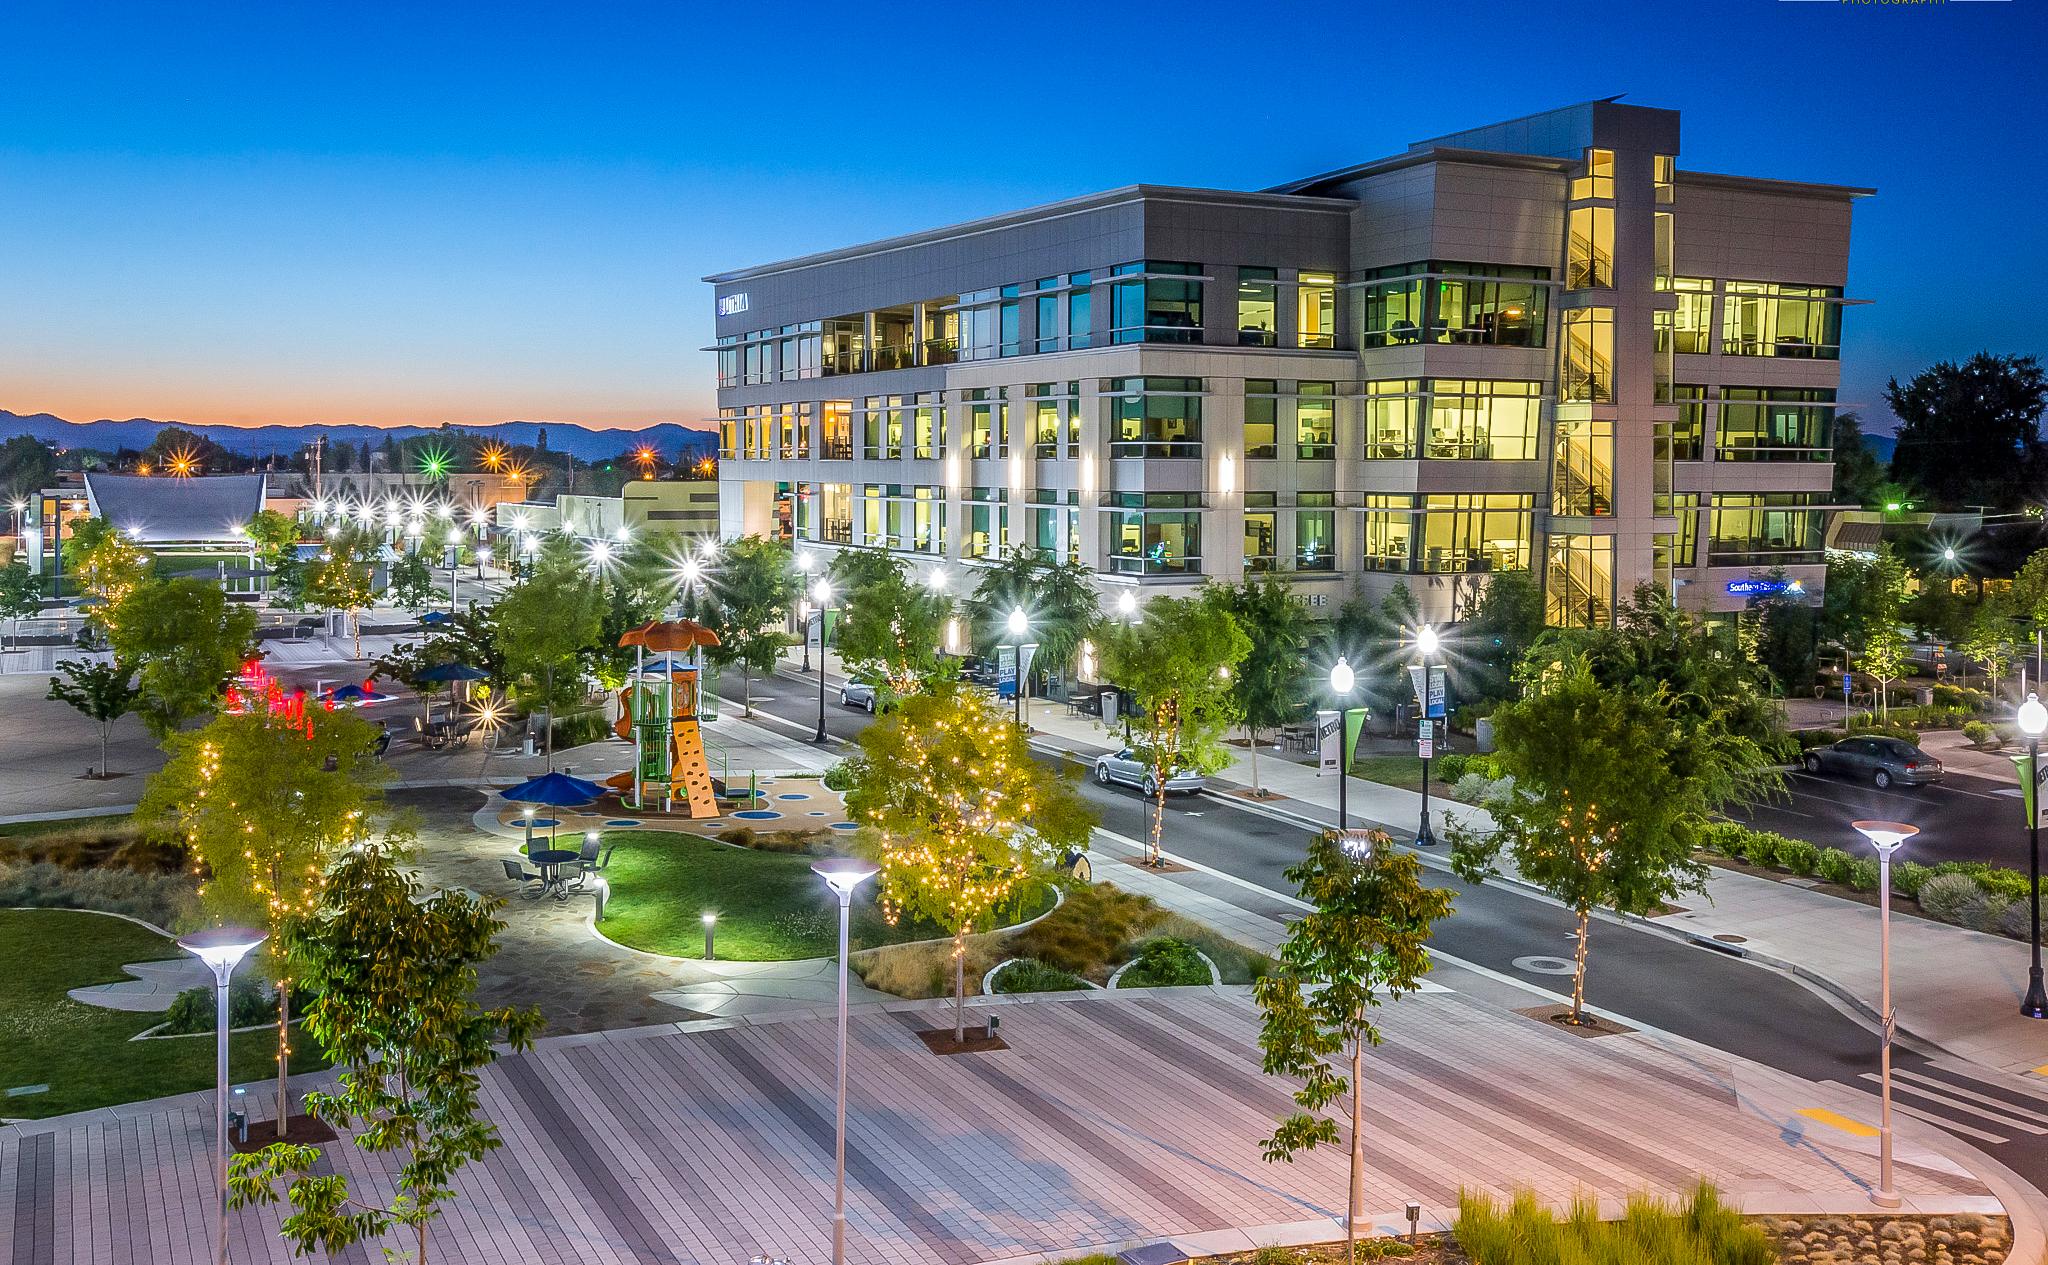 <f>Services</f><f>UrbanDesign</f><f>Services</f><f>LandscapeArchitecture</f></f><f>Markets</f><f>Community</f><t>Commons Park Blocks</t><m>Medford, OR</m>